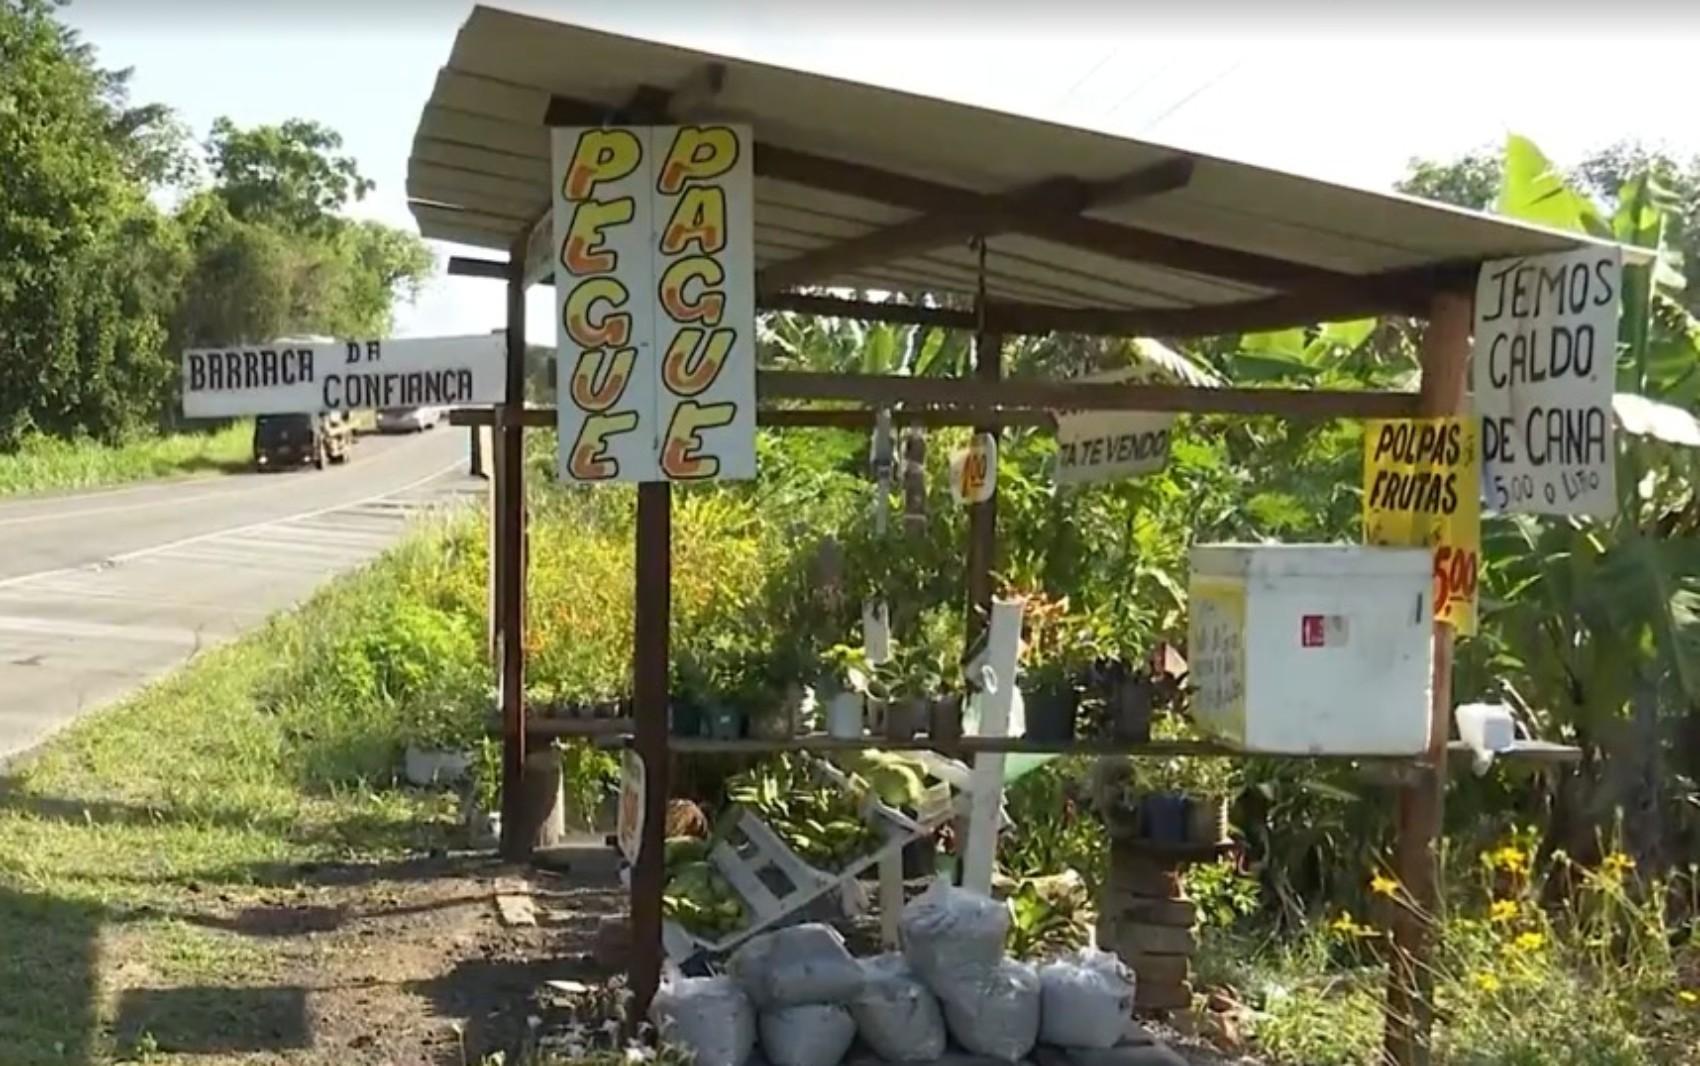 Agricultora cria 'barraca da confiança' às margens de rodovia na BA; clientes realizam todo o processo de compra sozinhos